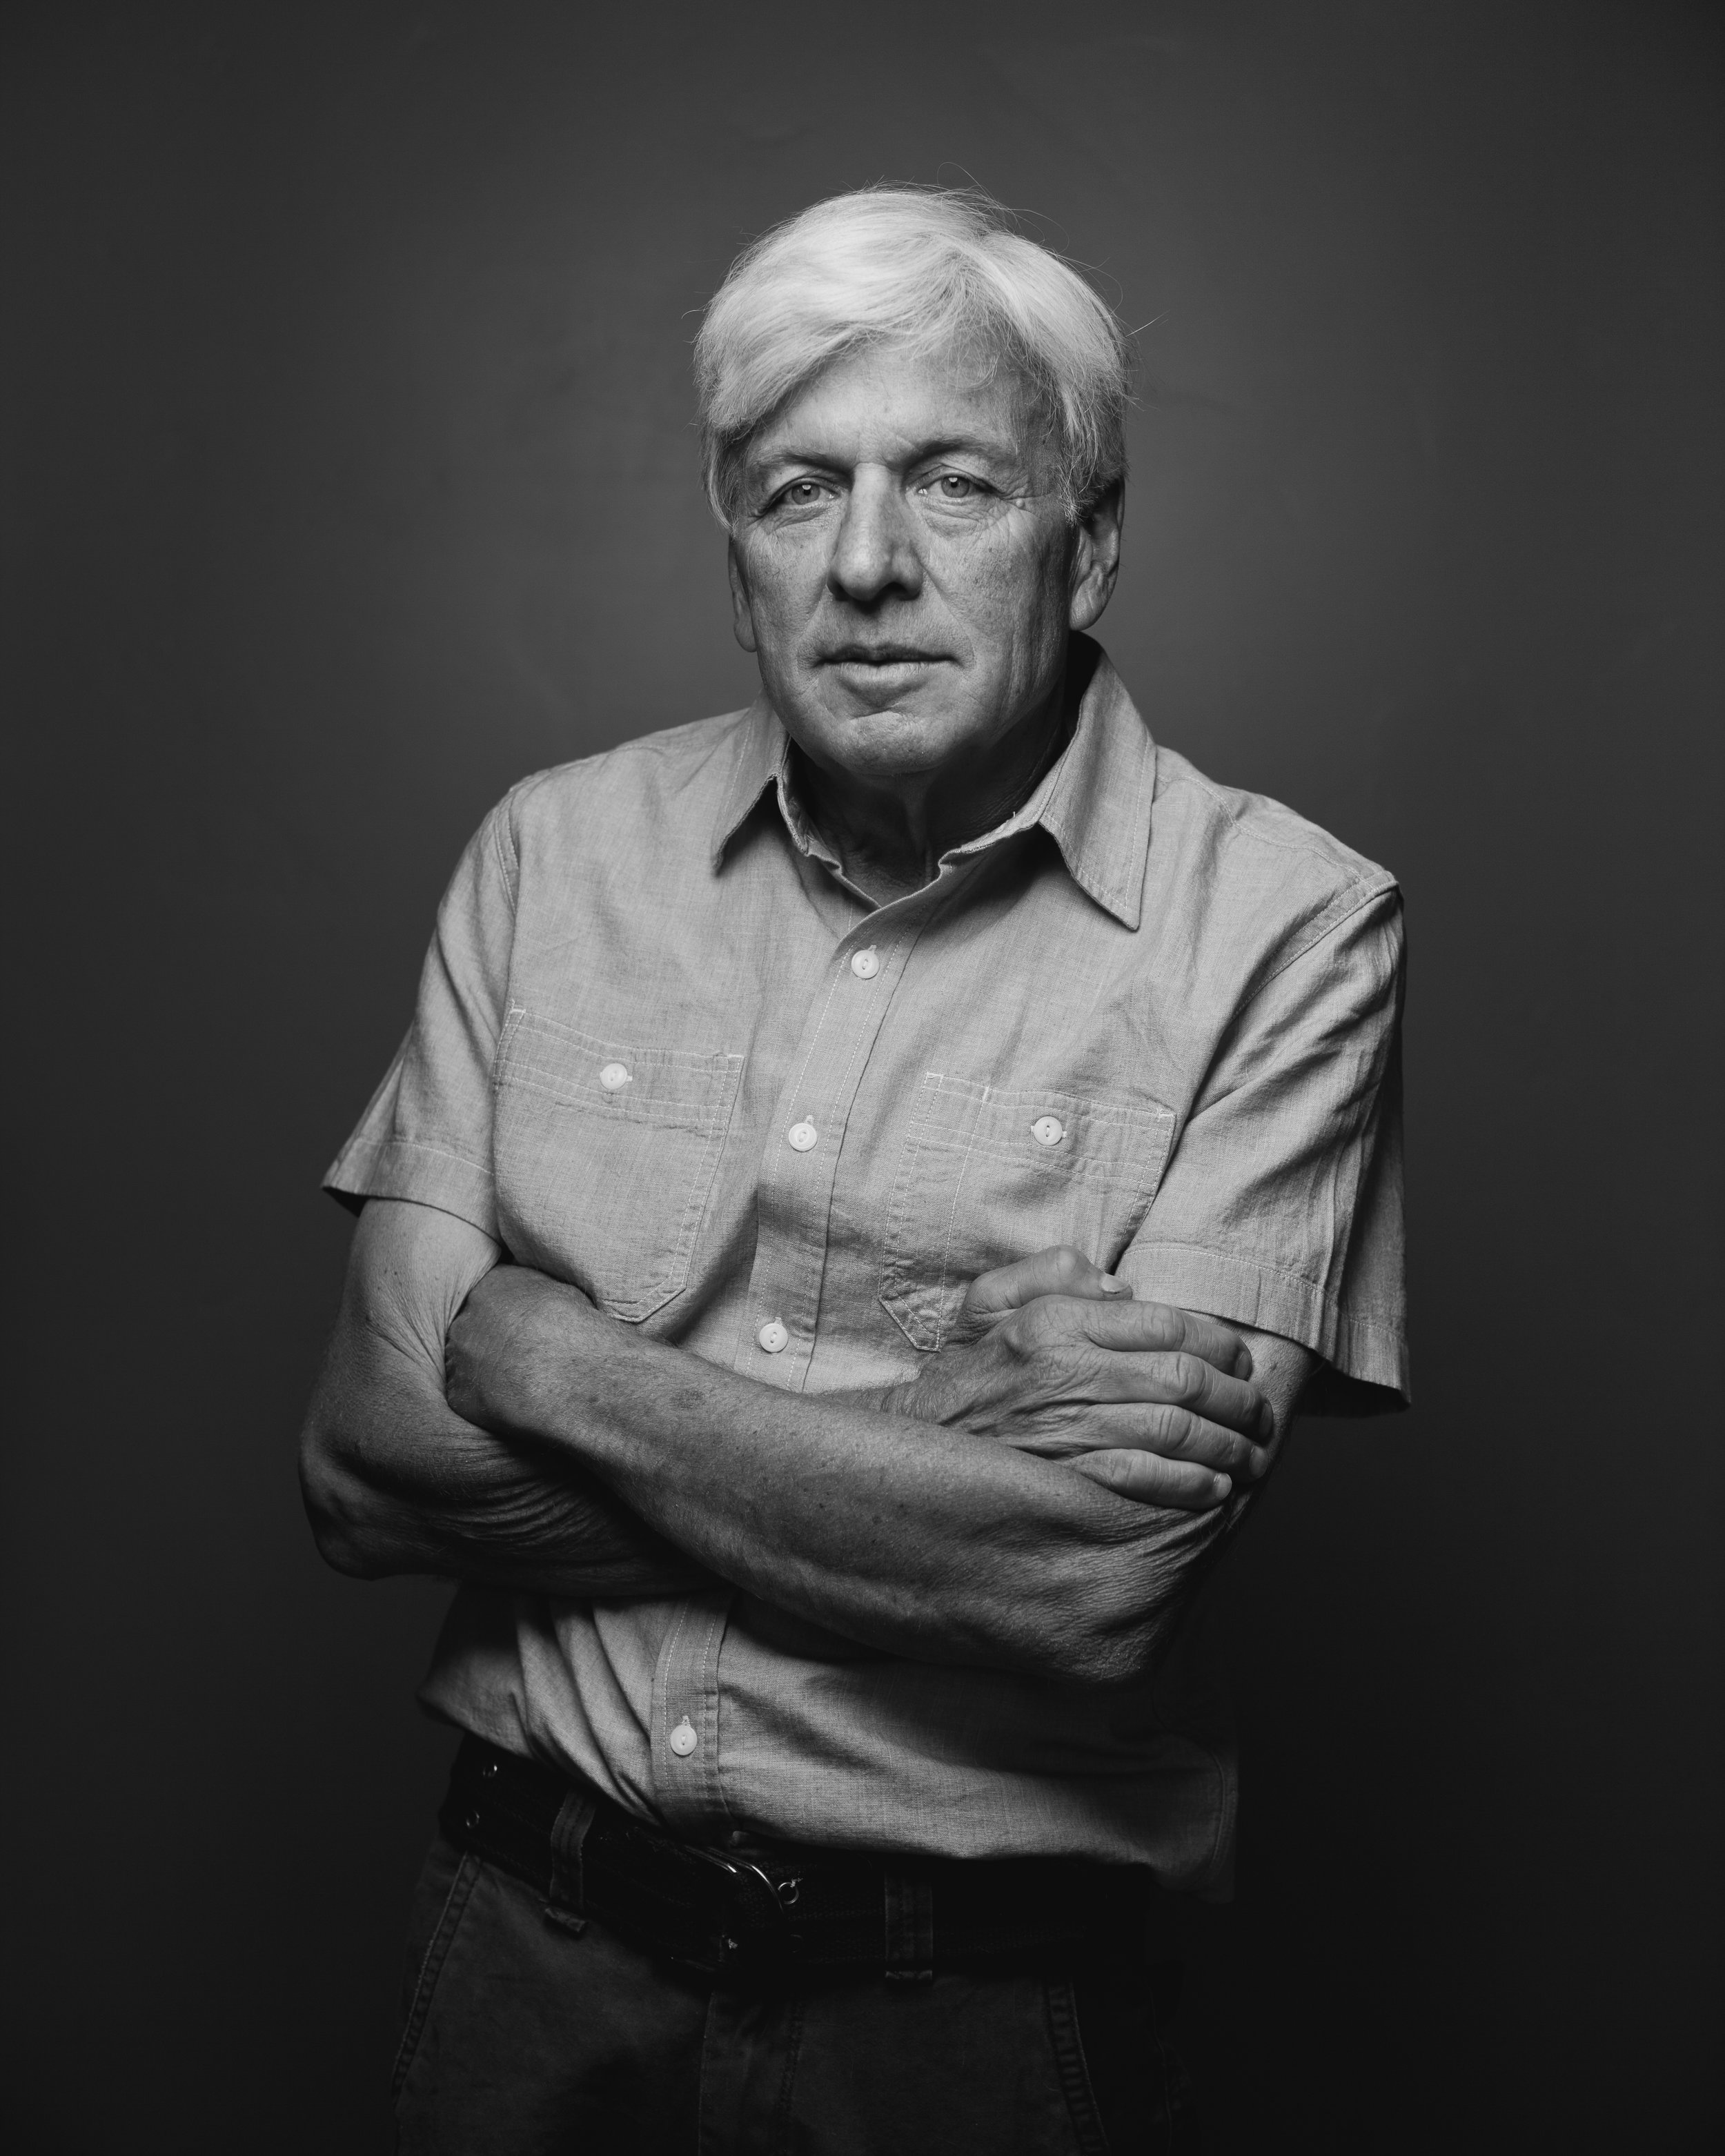 ©duston-todd-studio-portrait-man-black-white.jpg